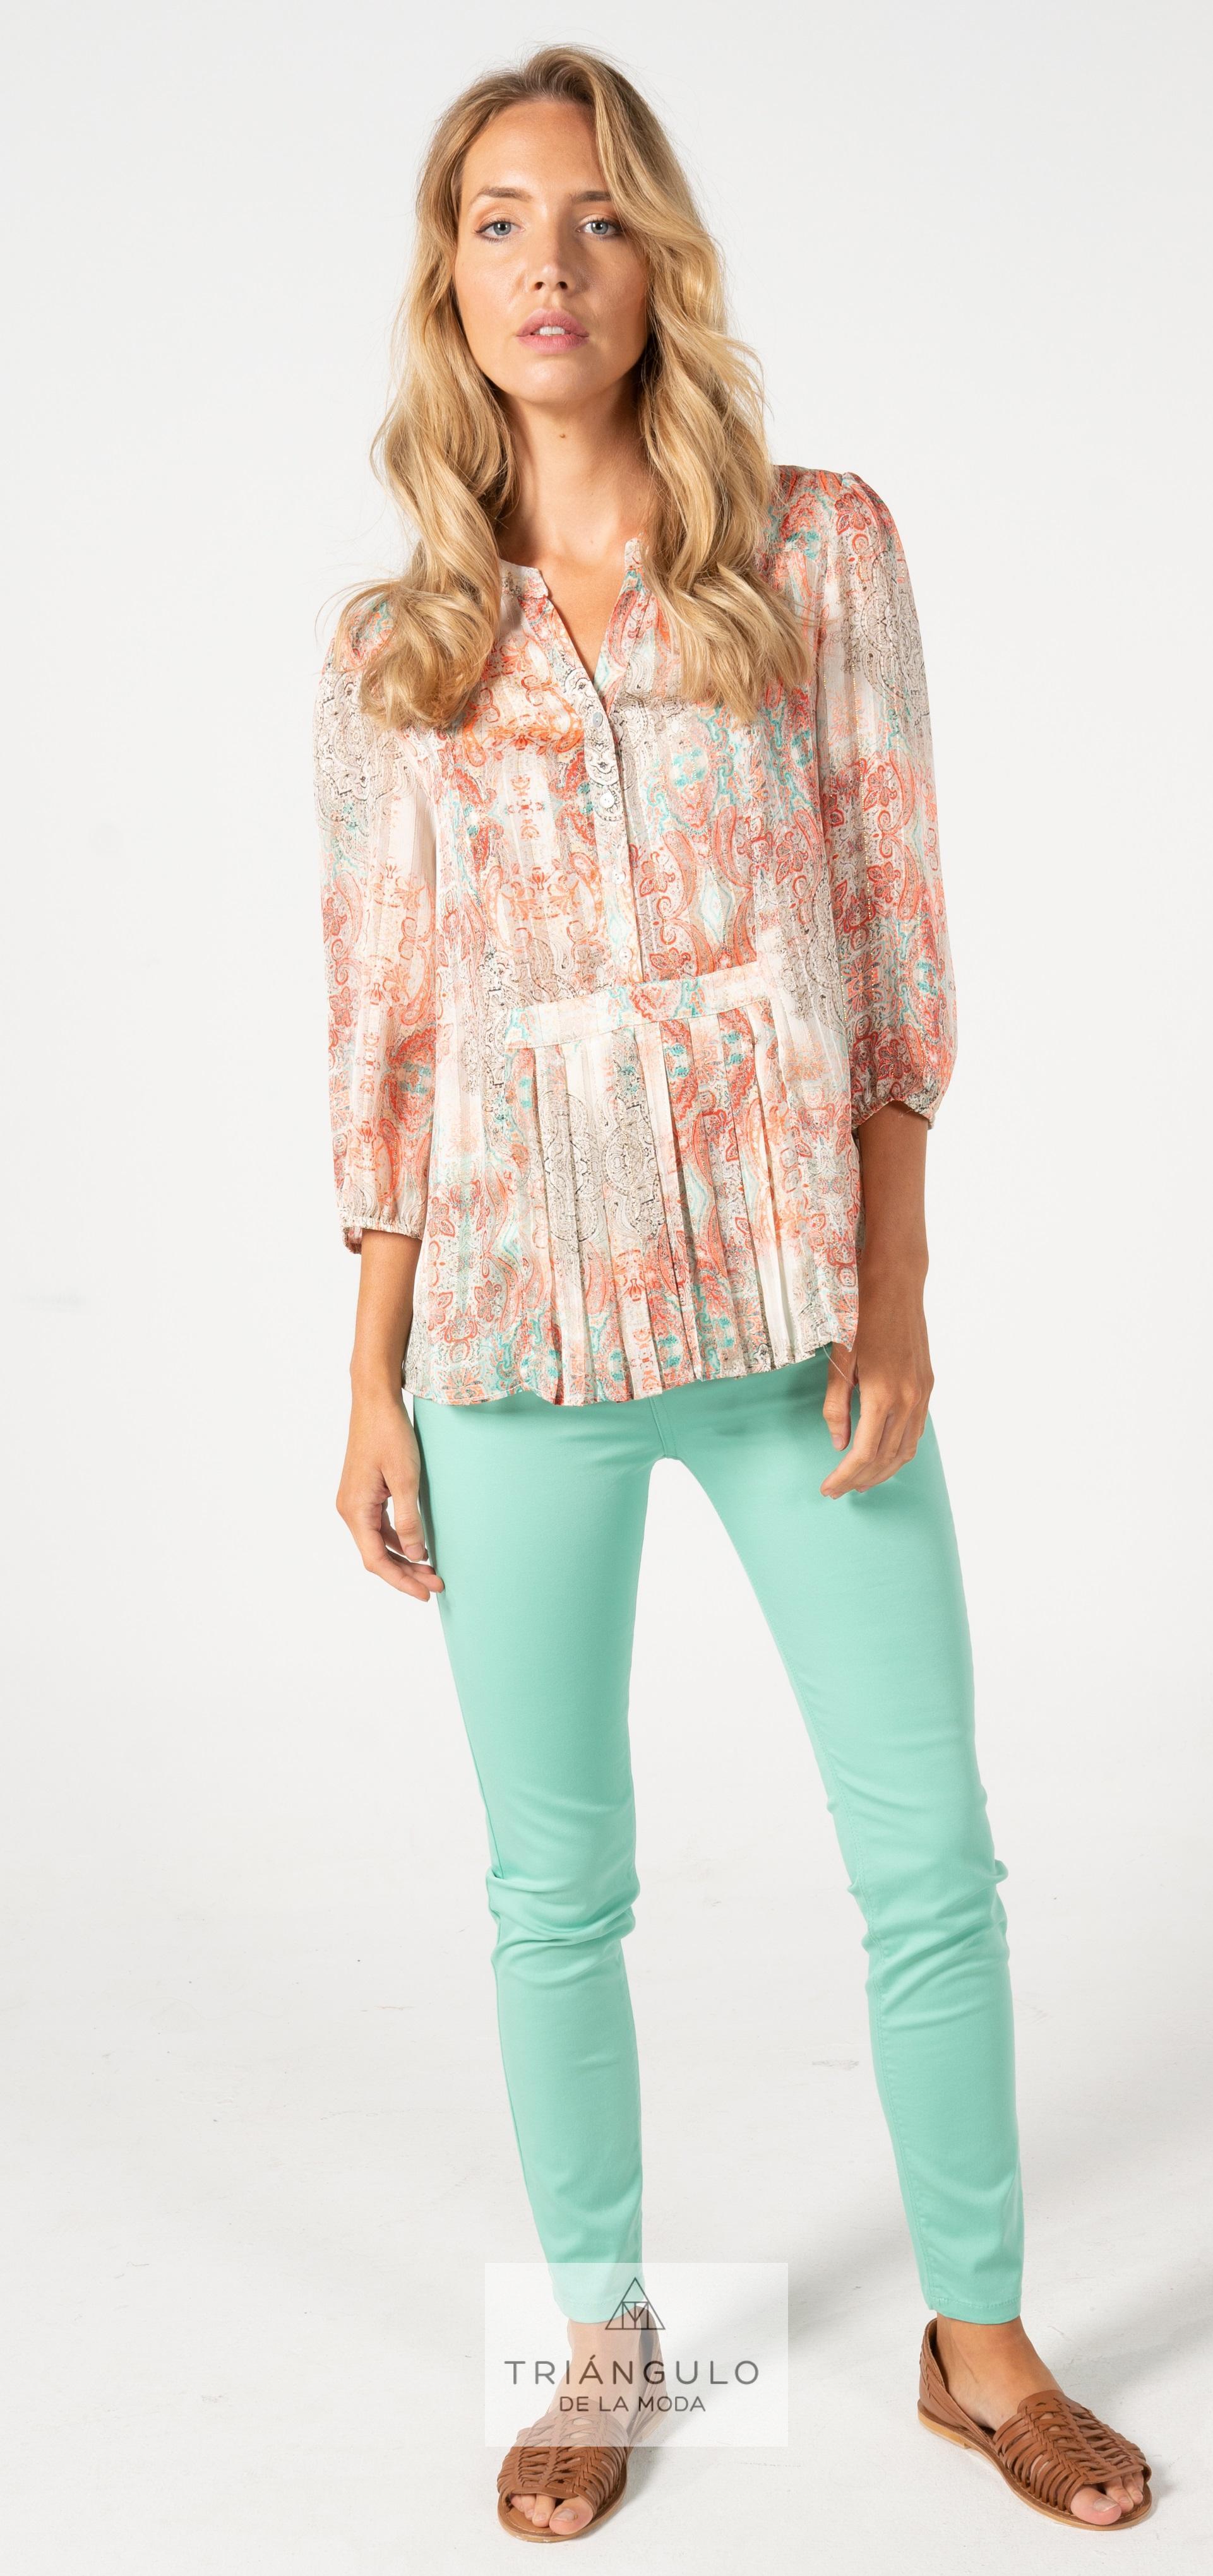 Tienda online del Triangulo de la Moda Camisa AIRE